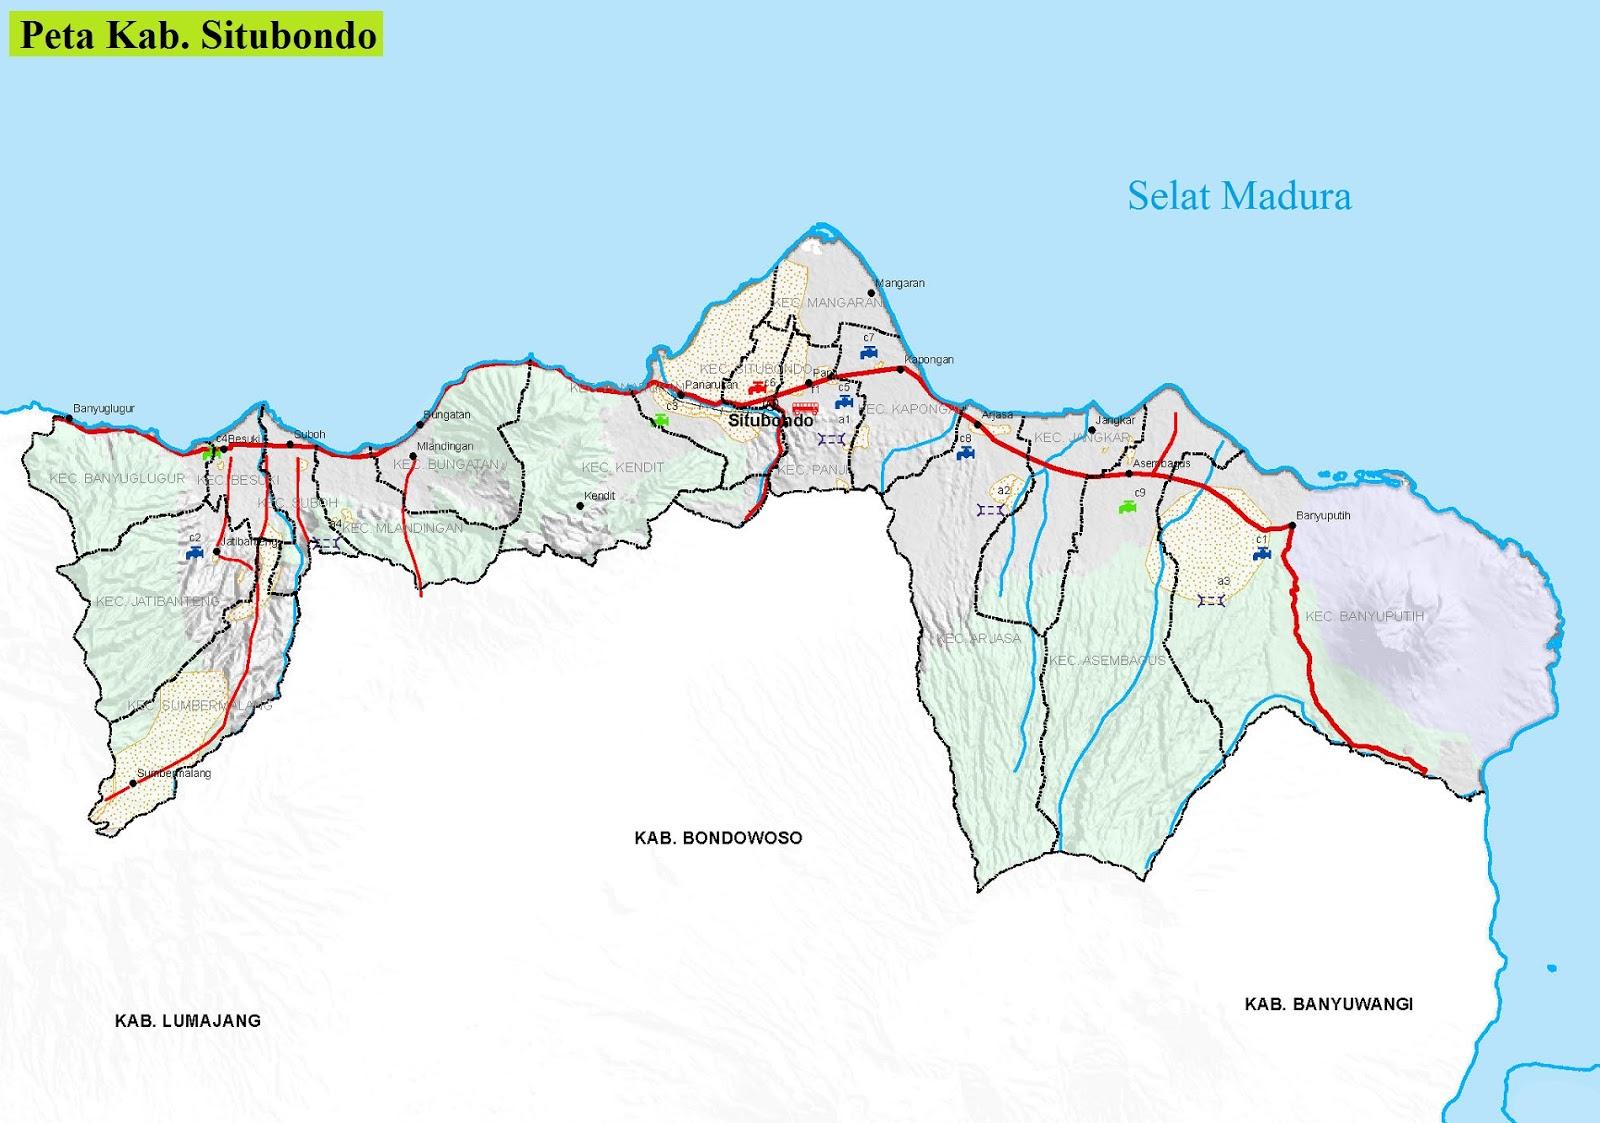 Peta Kabupaten Situbondo HD